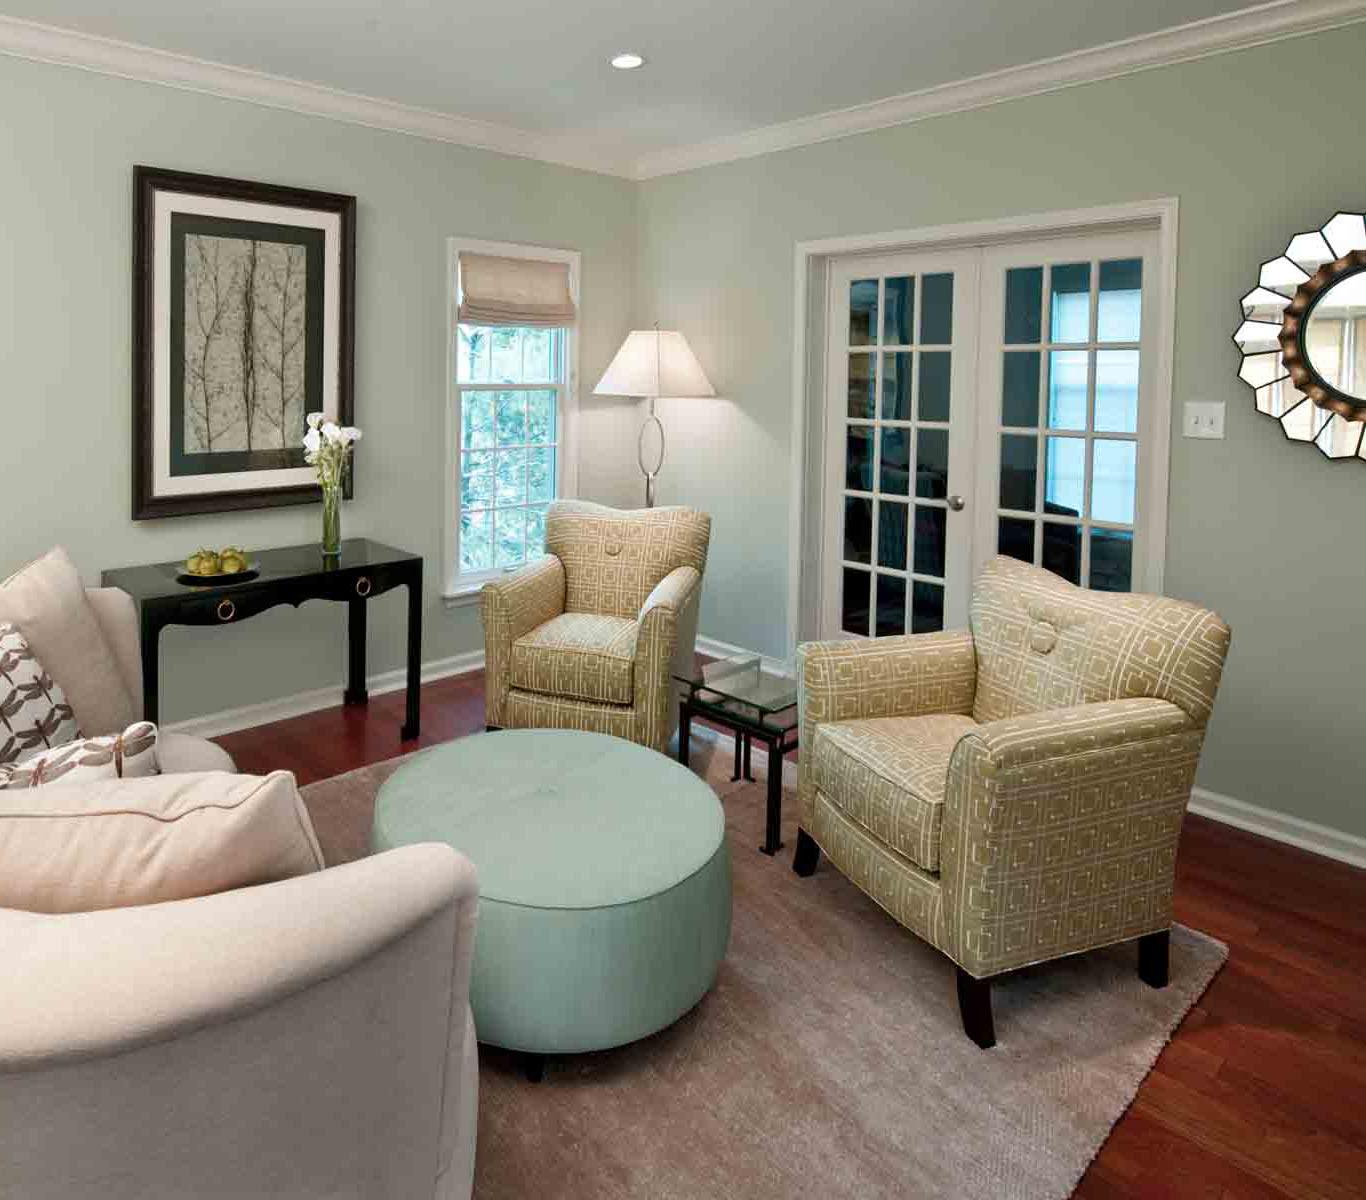 Krug_BMawr_Living Room1crop.jpg